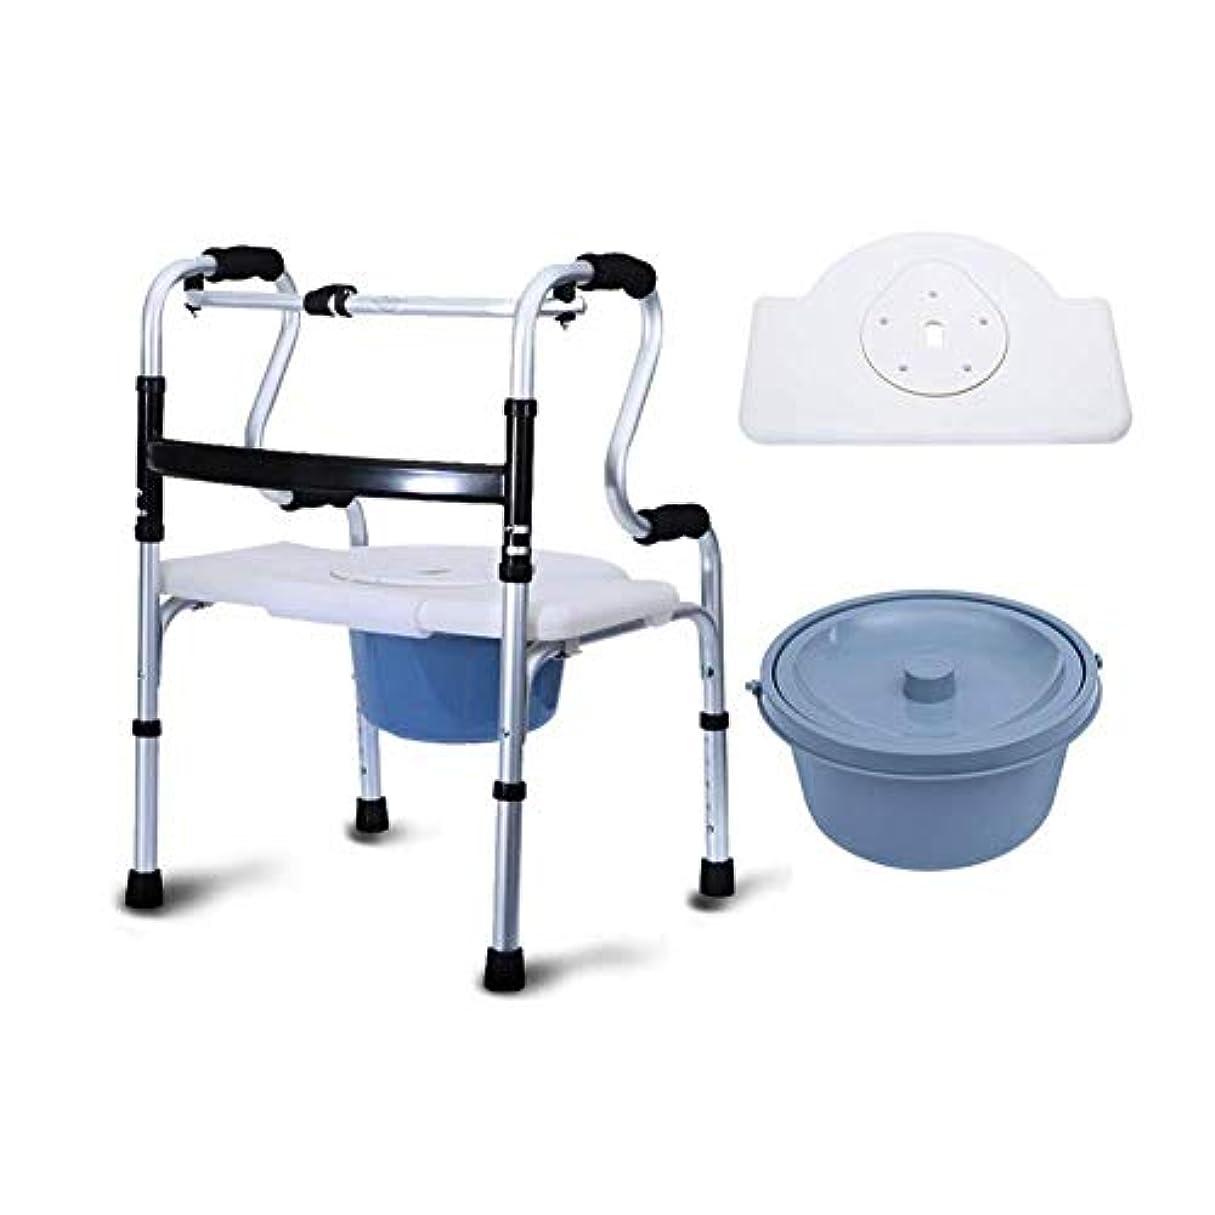 活性化するスキップに応じてトイレ付き多機能シートウォーカー、折りたたみウォーカー調節可能な高さポータブルウォーキングフレーム